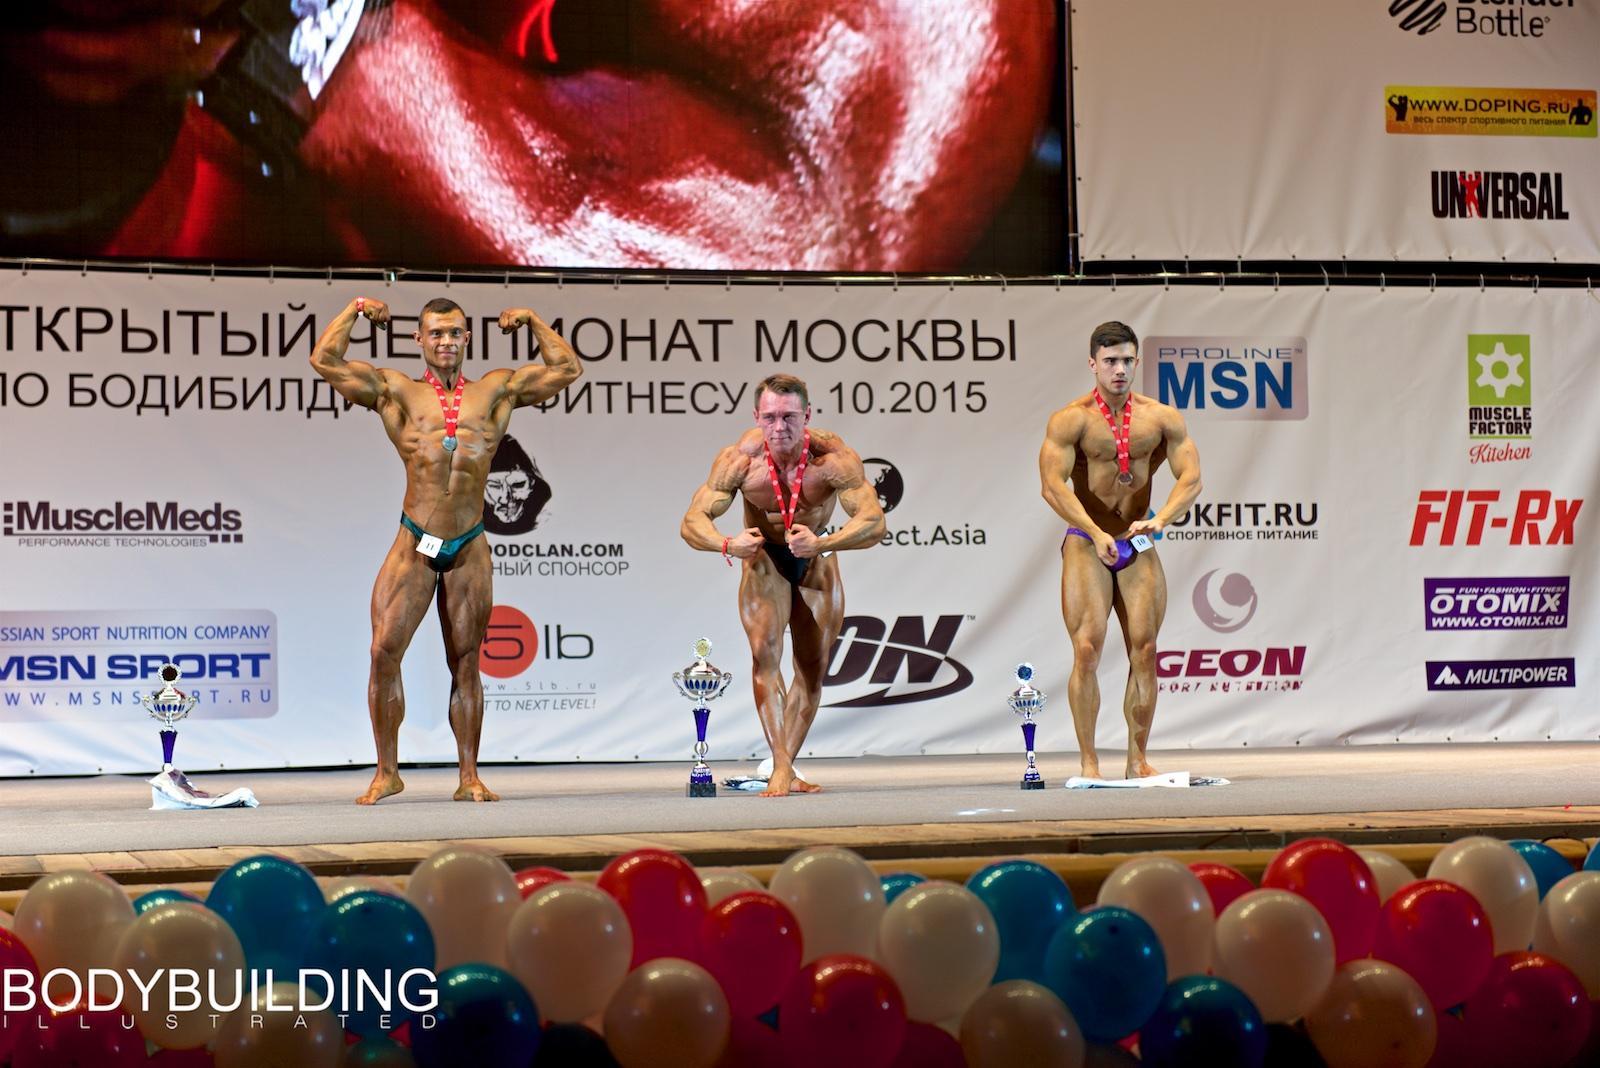 Чемпионат Москвы по бодибилдингу и фитнесу